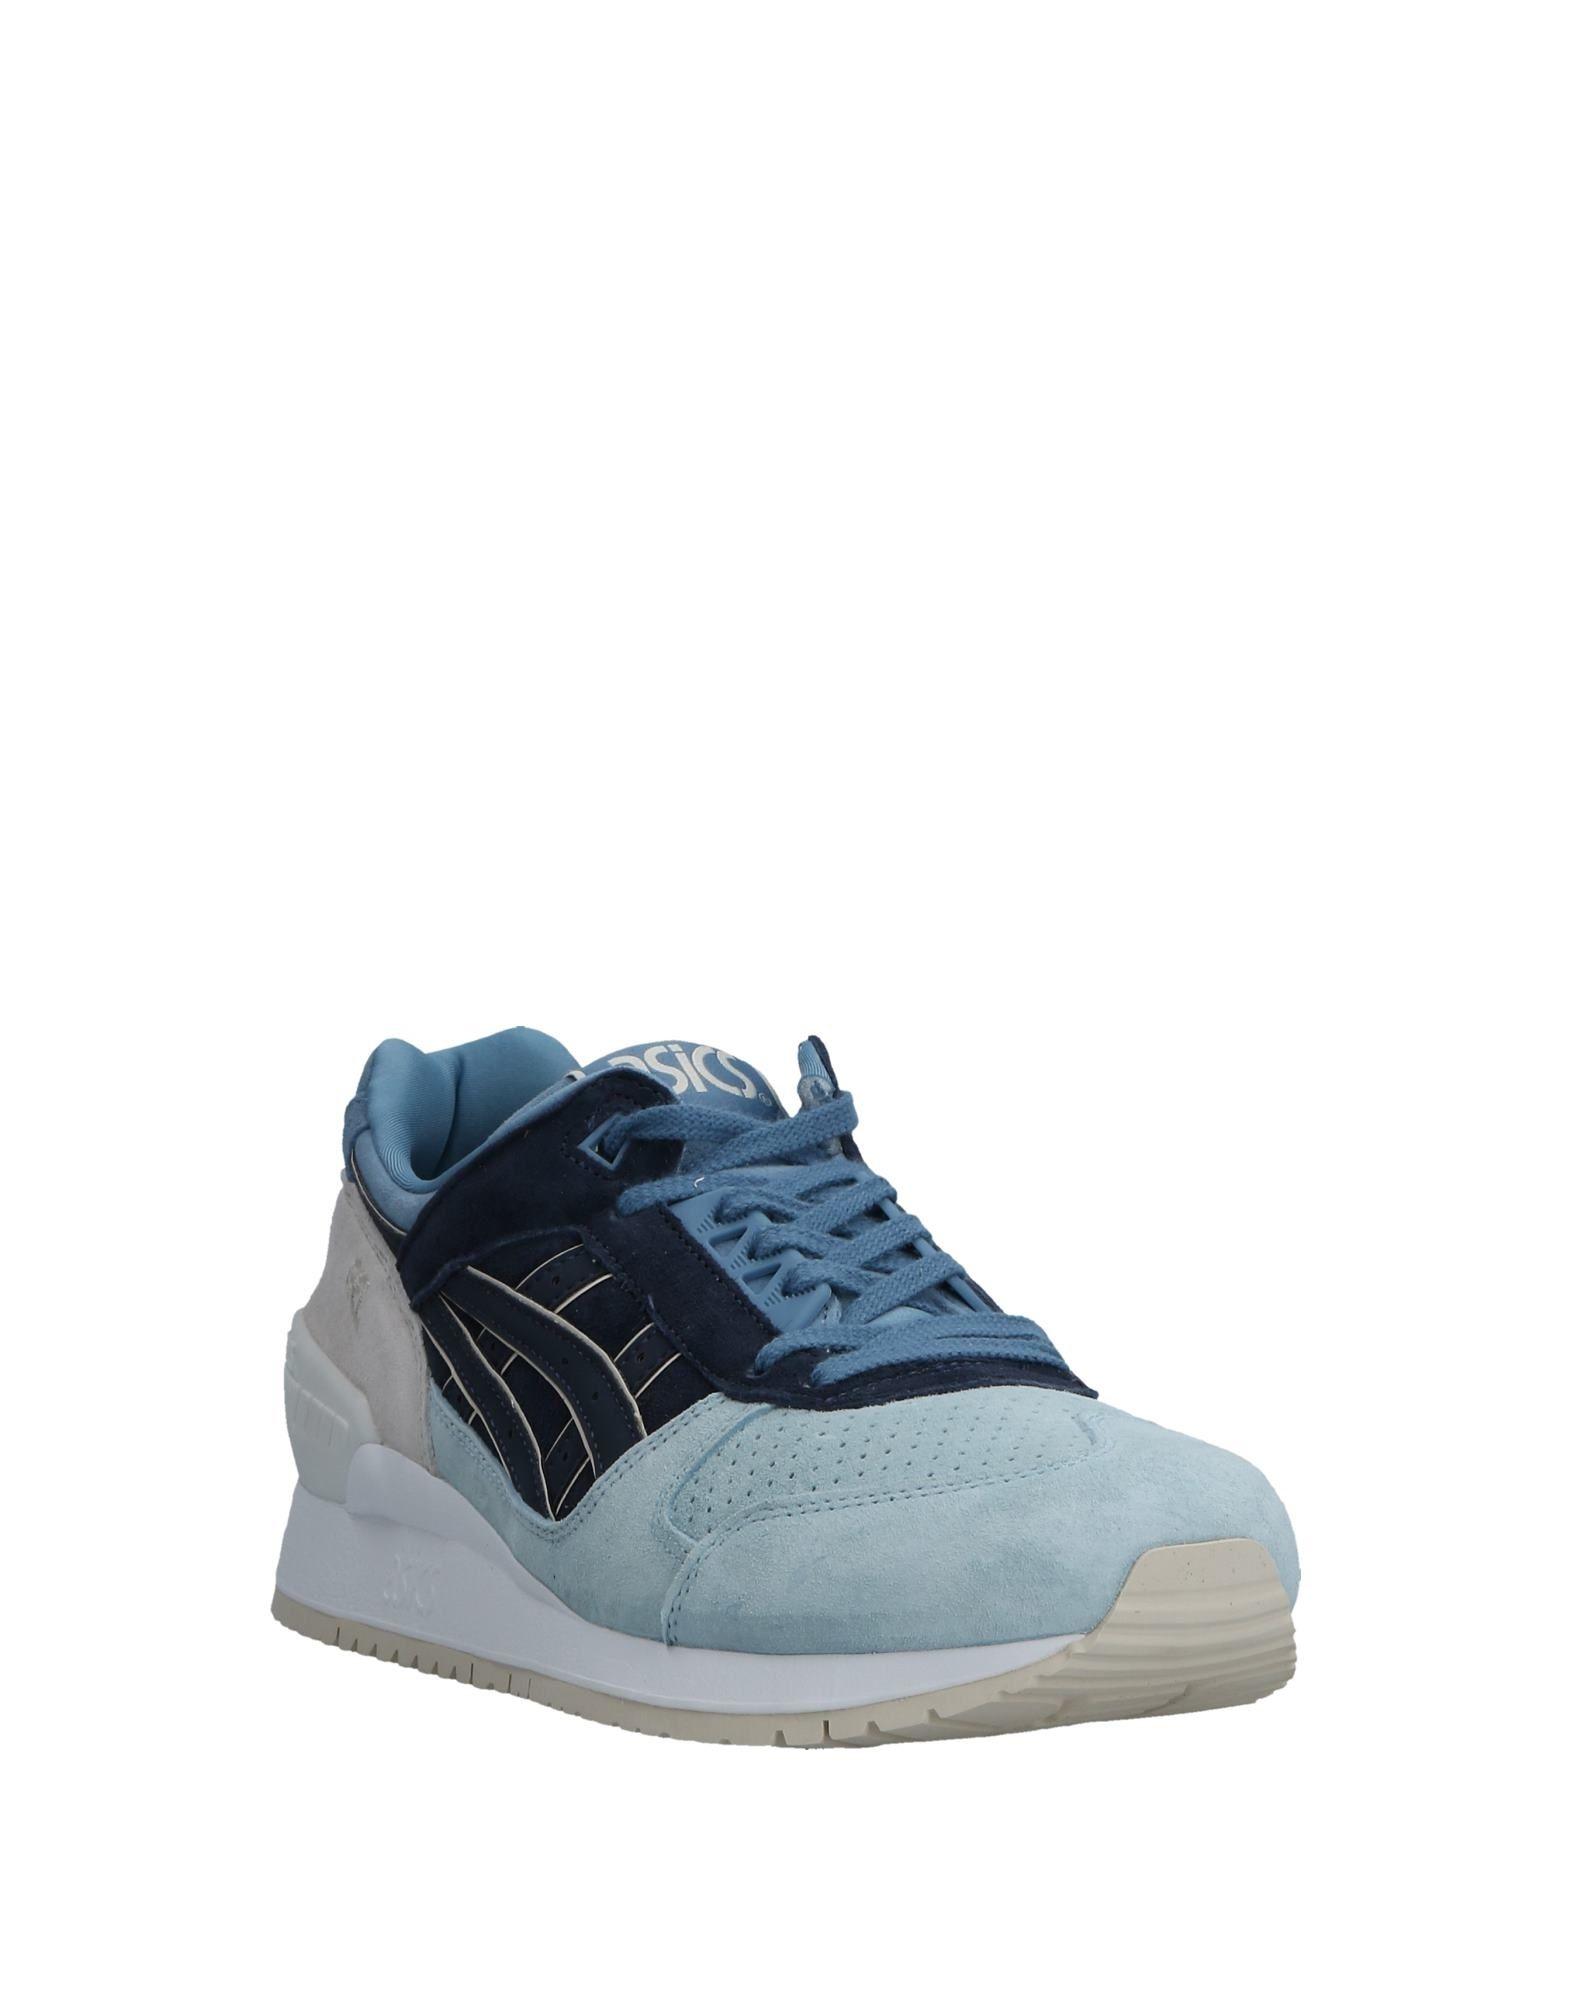 Rabatt echte Schuhe Asics Sneakers Sneakers Sneakers Herren  11524110XR f89fd5